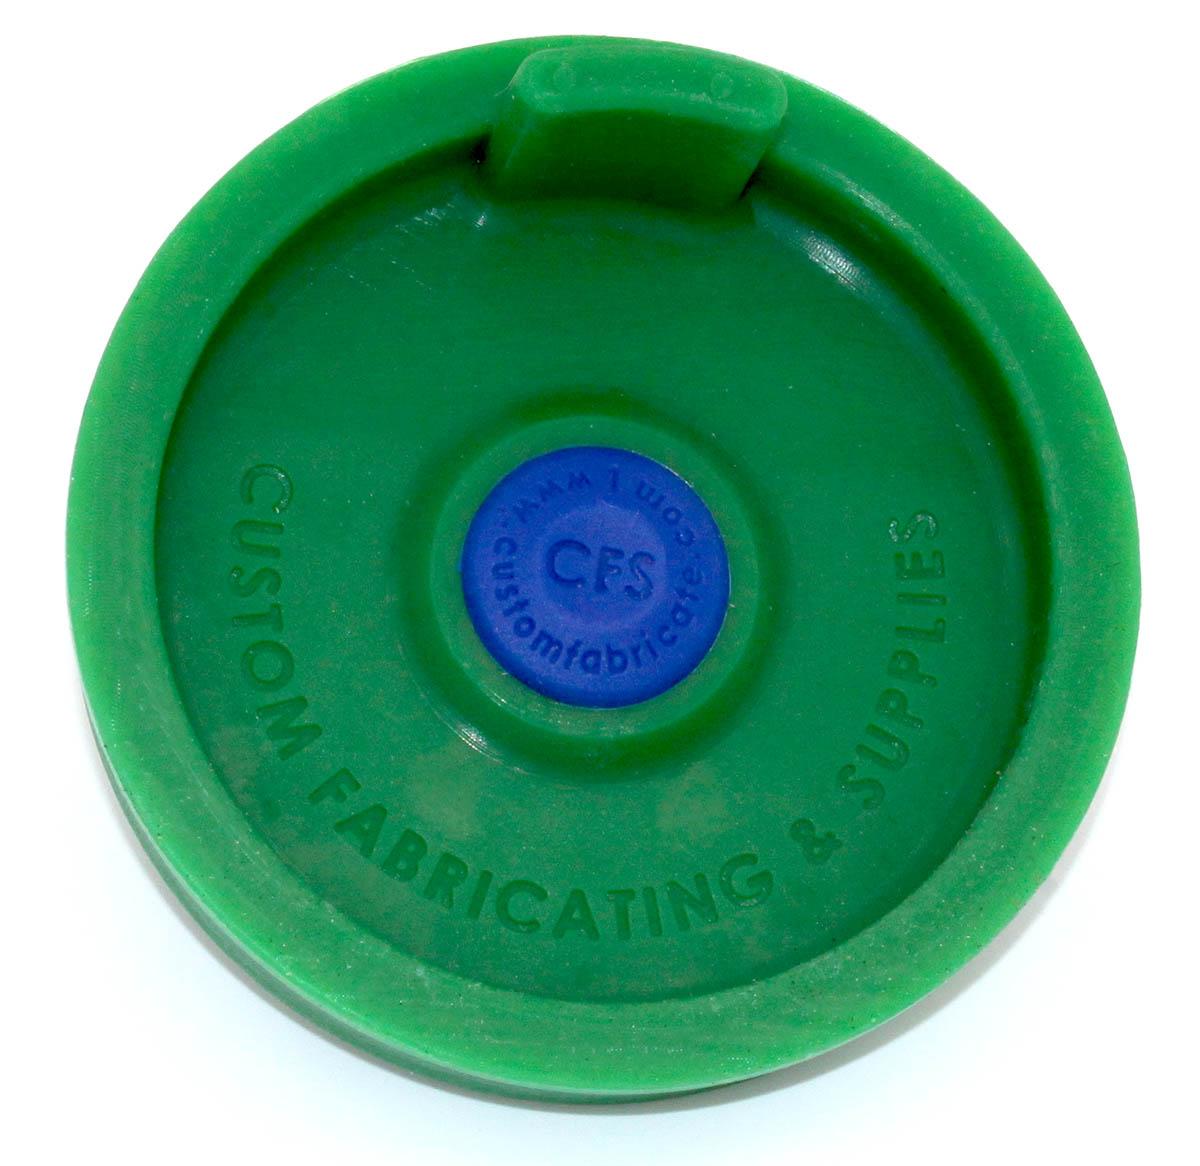 Vent Plug for masking during powder coating and e-coating